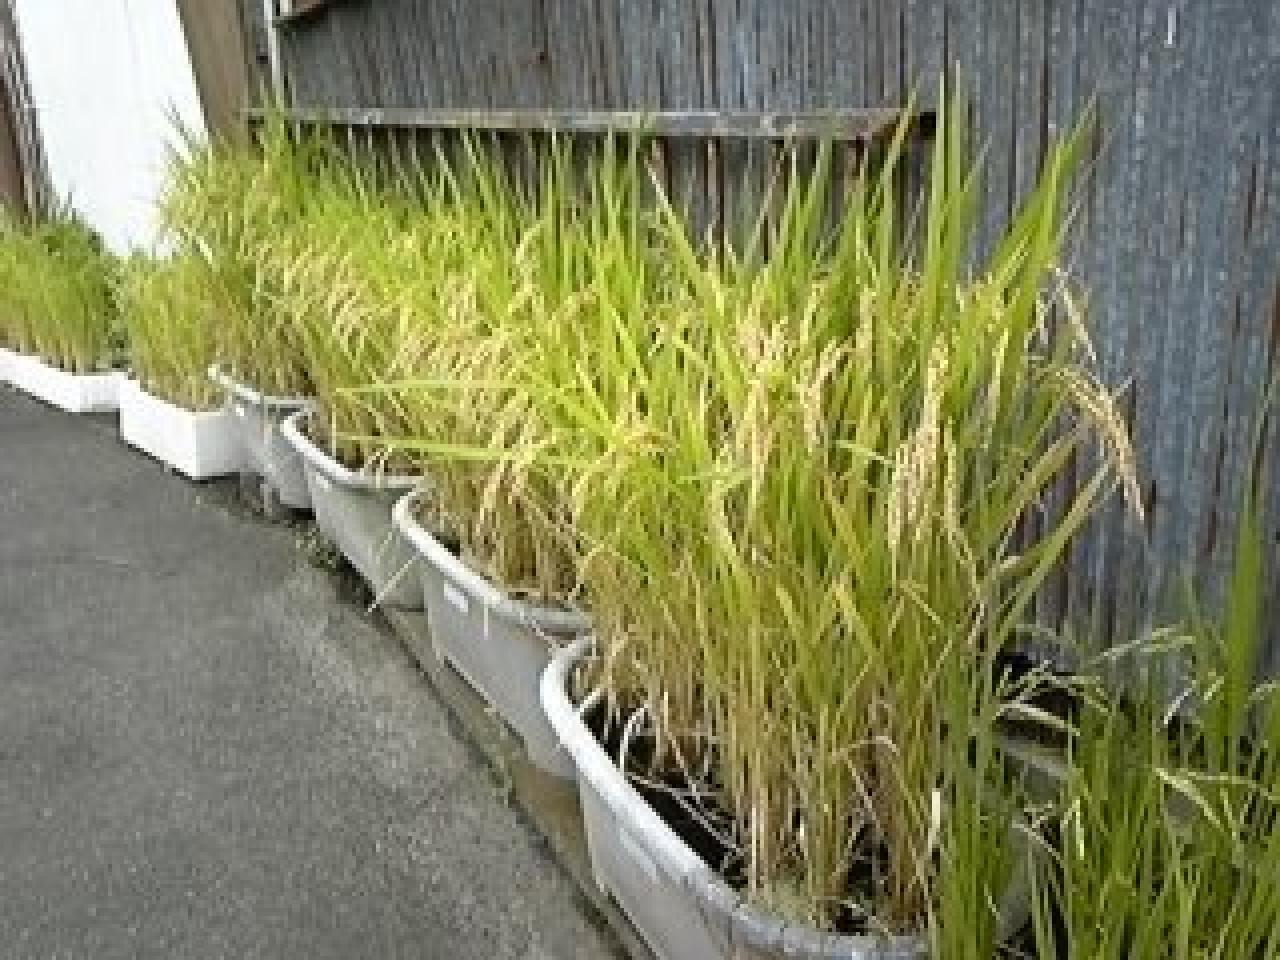 庭の稲ももうすぐ収穫 投稿者:こせき 撮影日:0000年月日 仙台では今週末から来週にかけて..